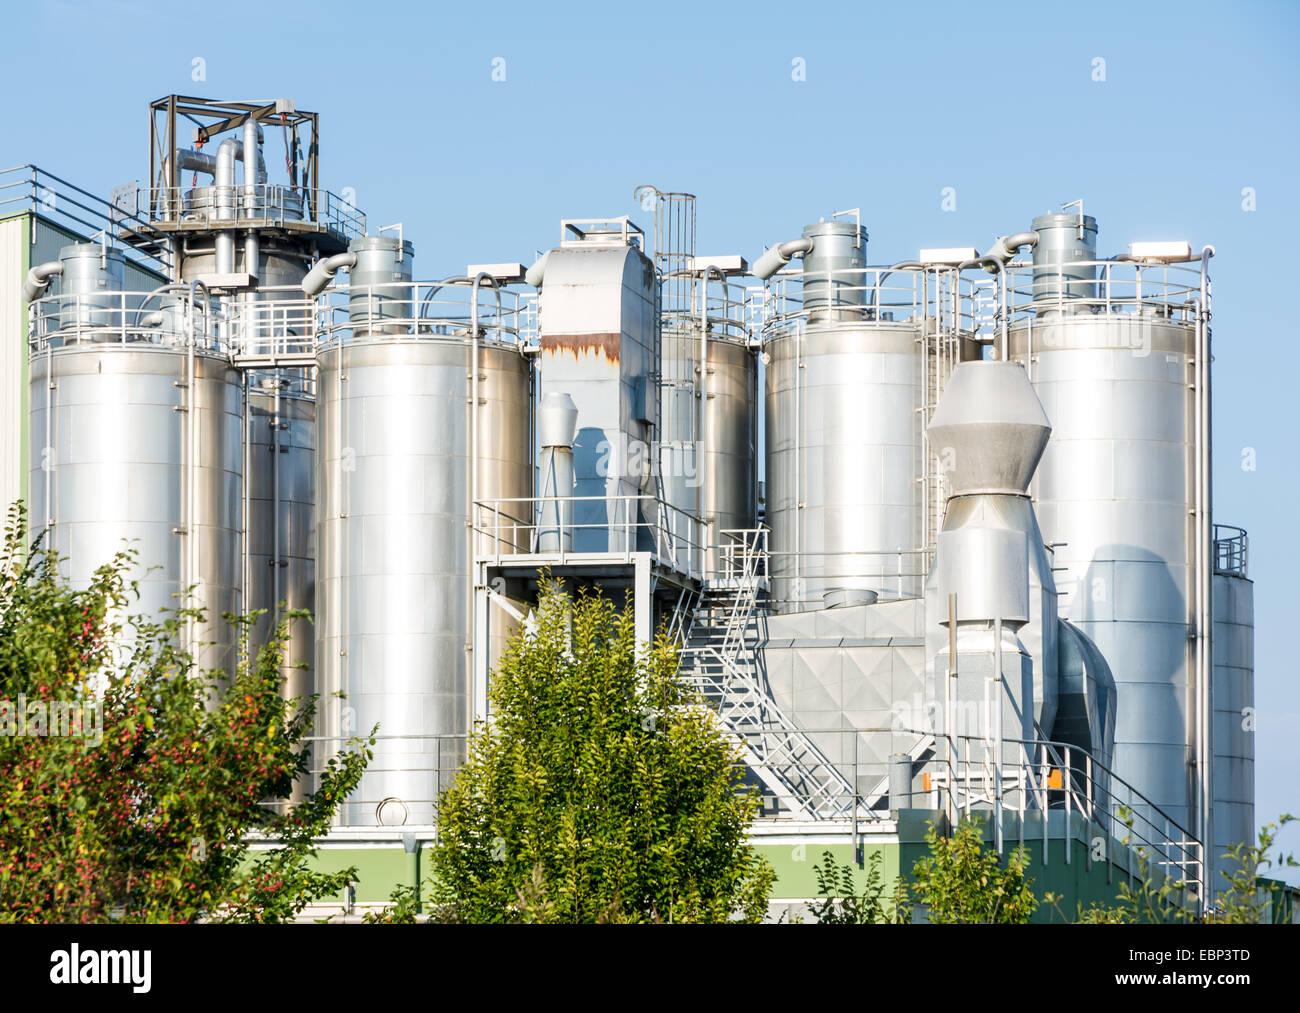 Los tanques de almacenamiento de una planta química Foto de stock